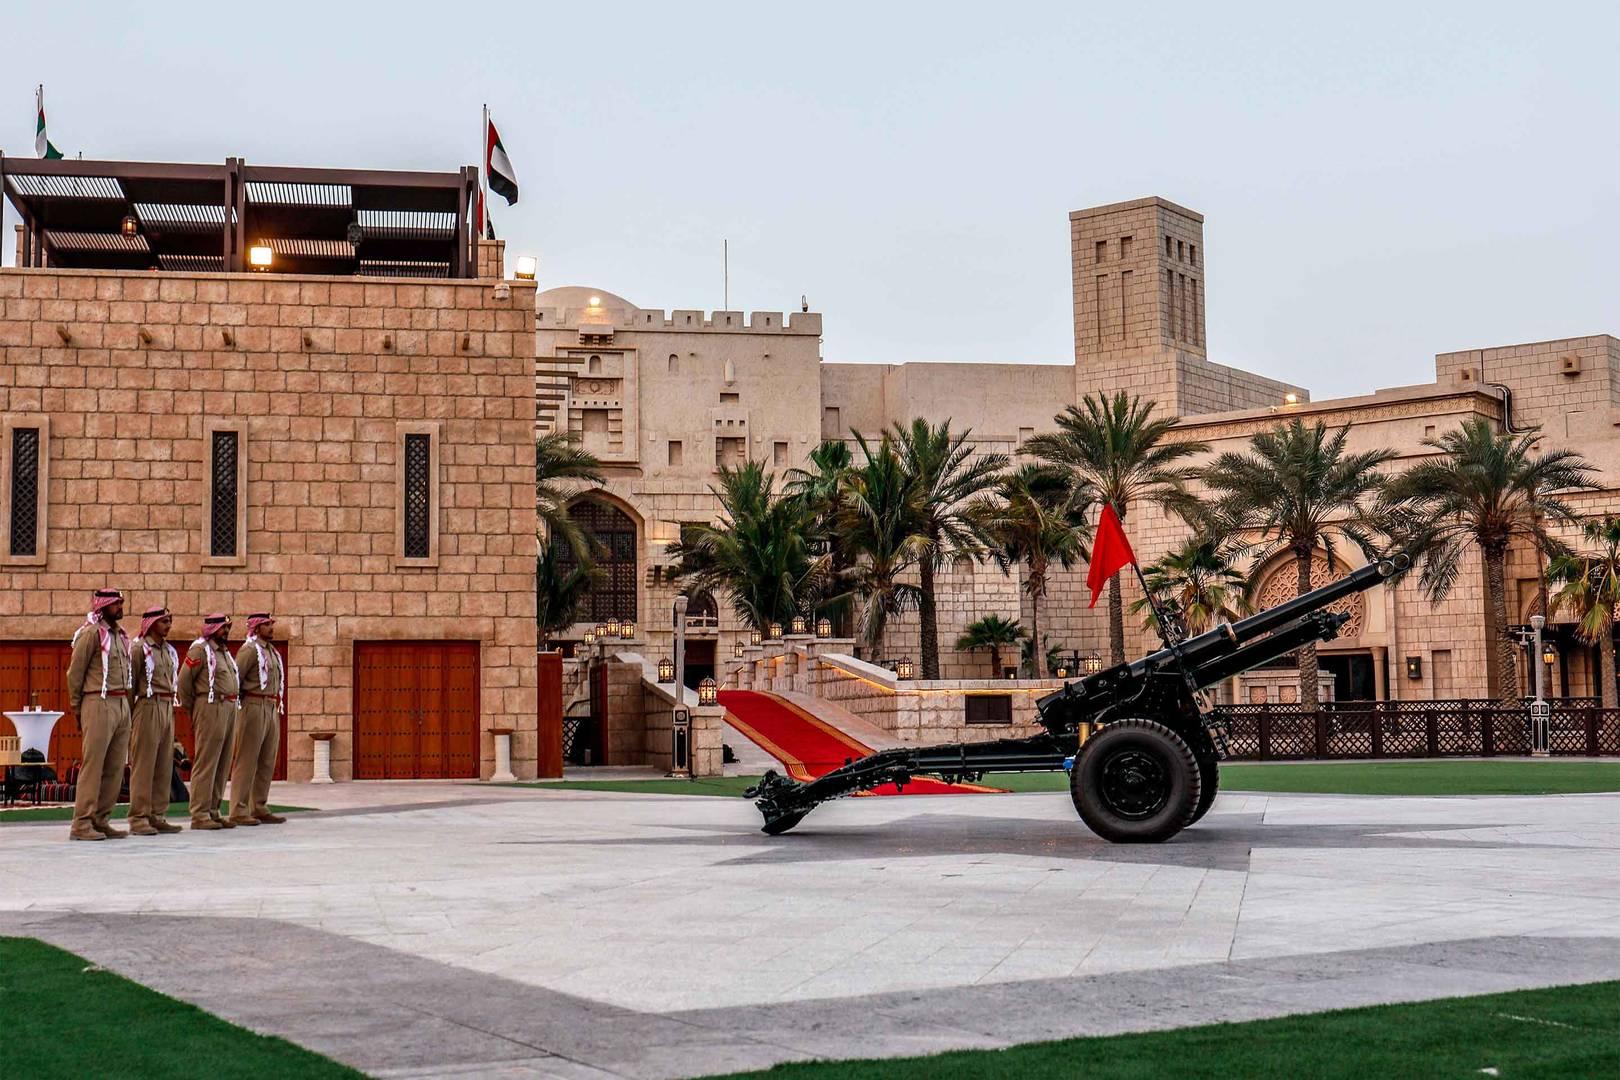 6-4_Ramadan-Cannon-at-Madinat-Jumeirah-3